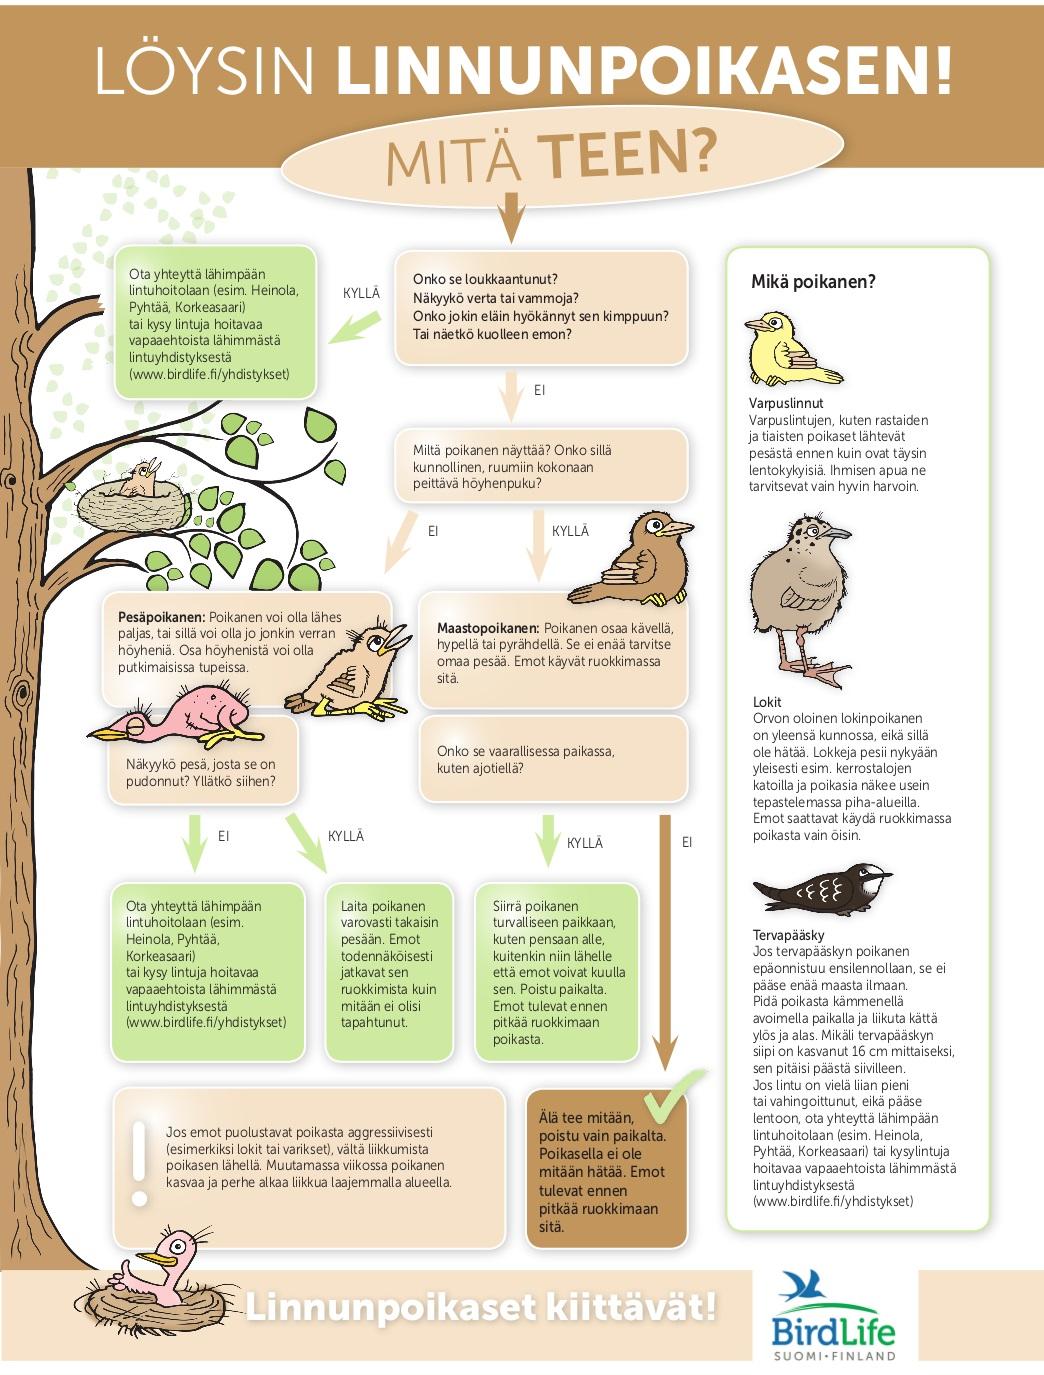 Mitä tehdä linnunpoikaselle?